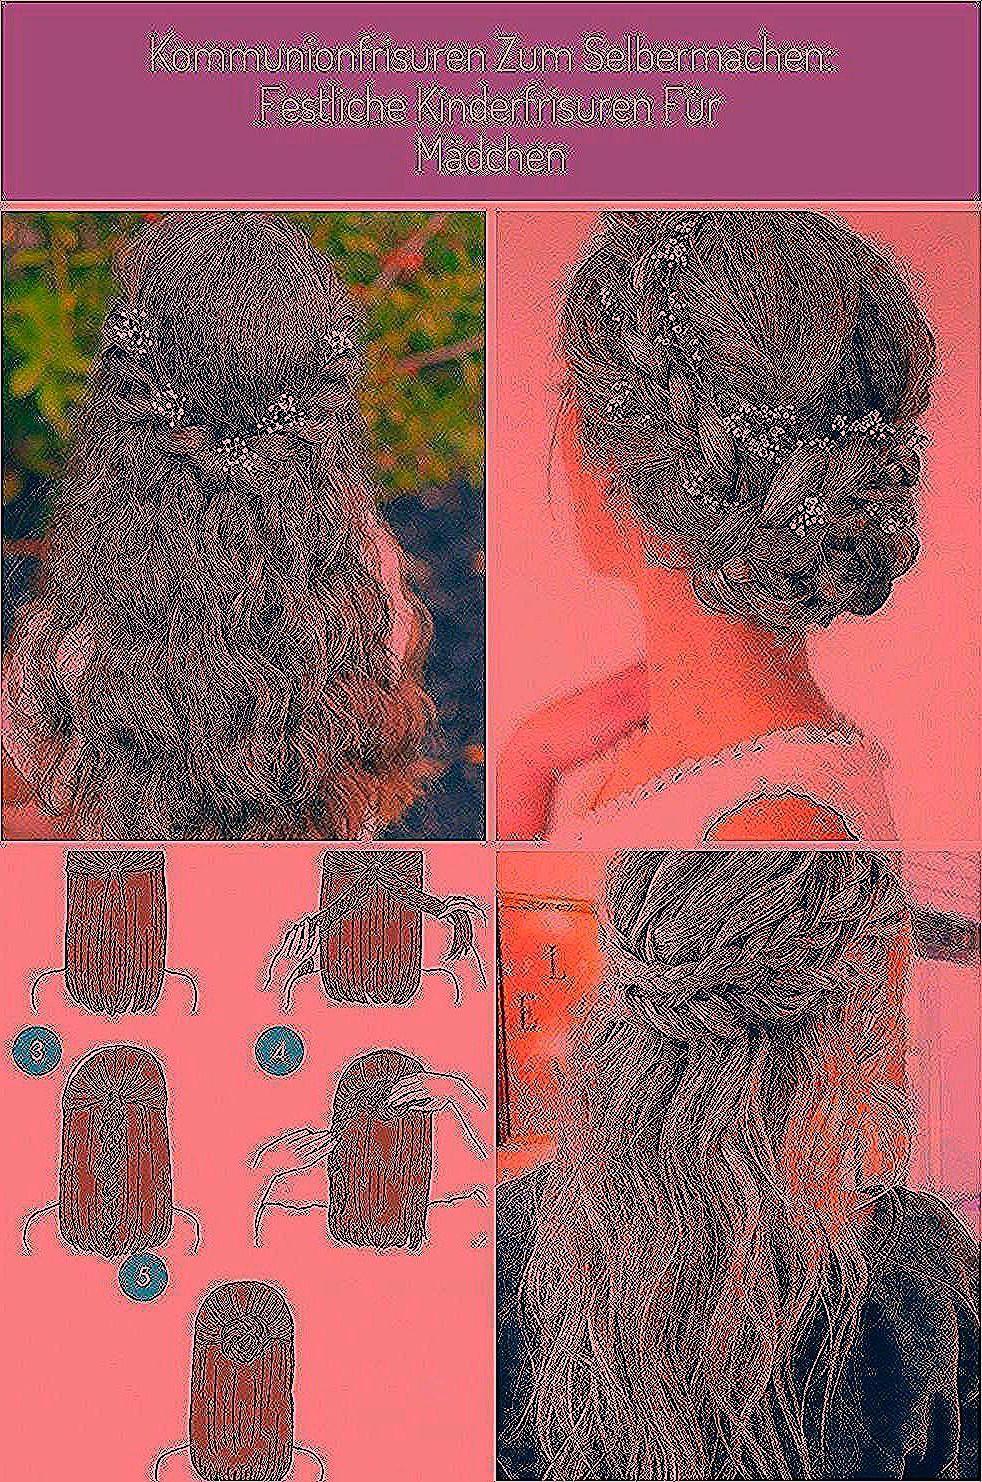 Kommunionfrisuren Kinderfrisuren Mädchen halboffene Haare Blumen #frisuren abib…